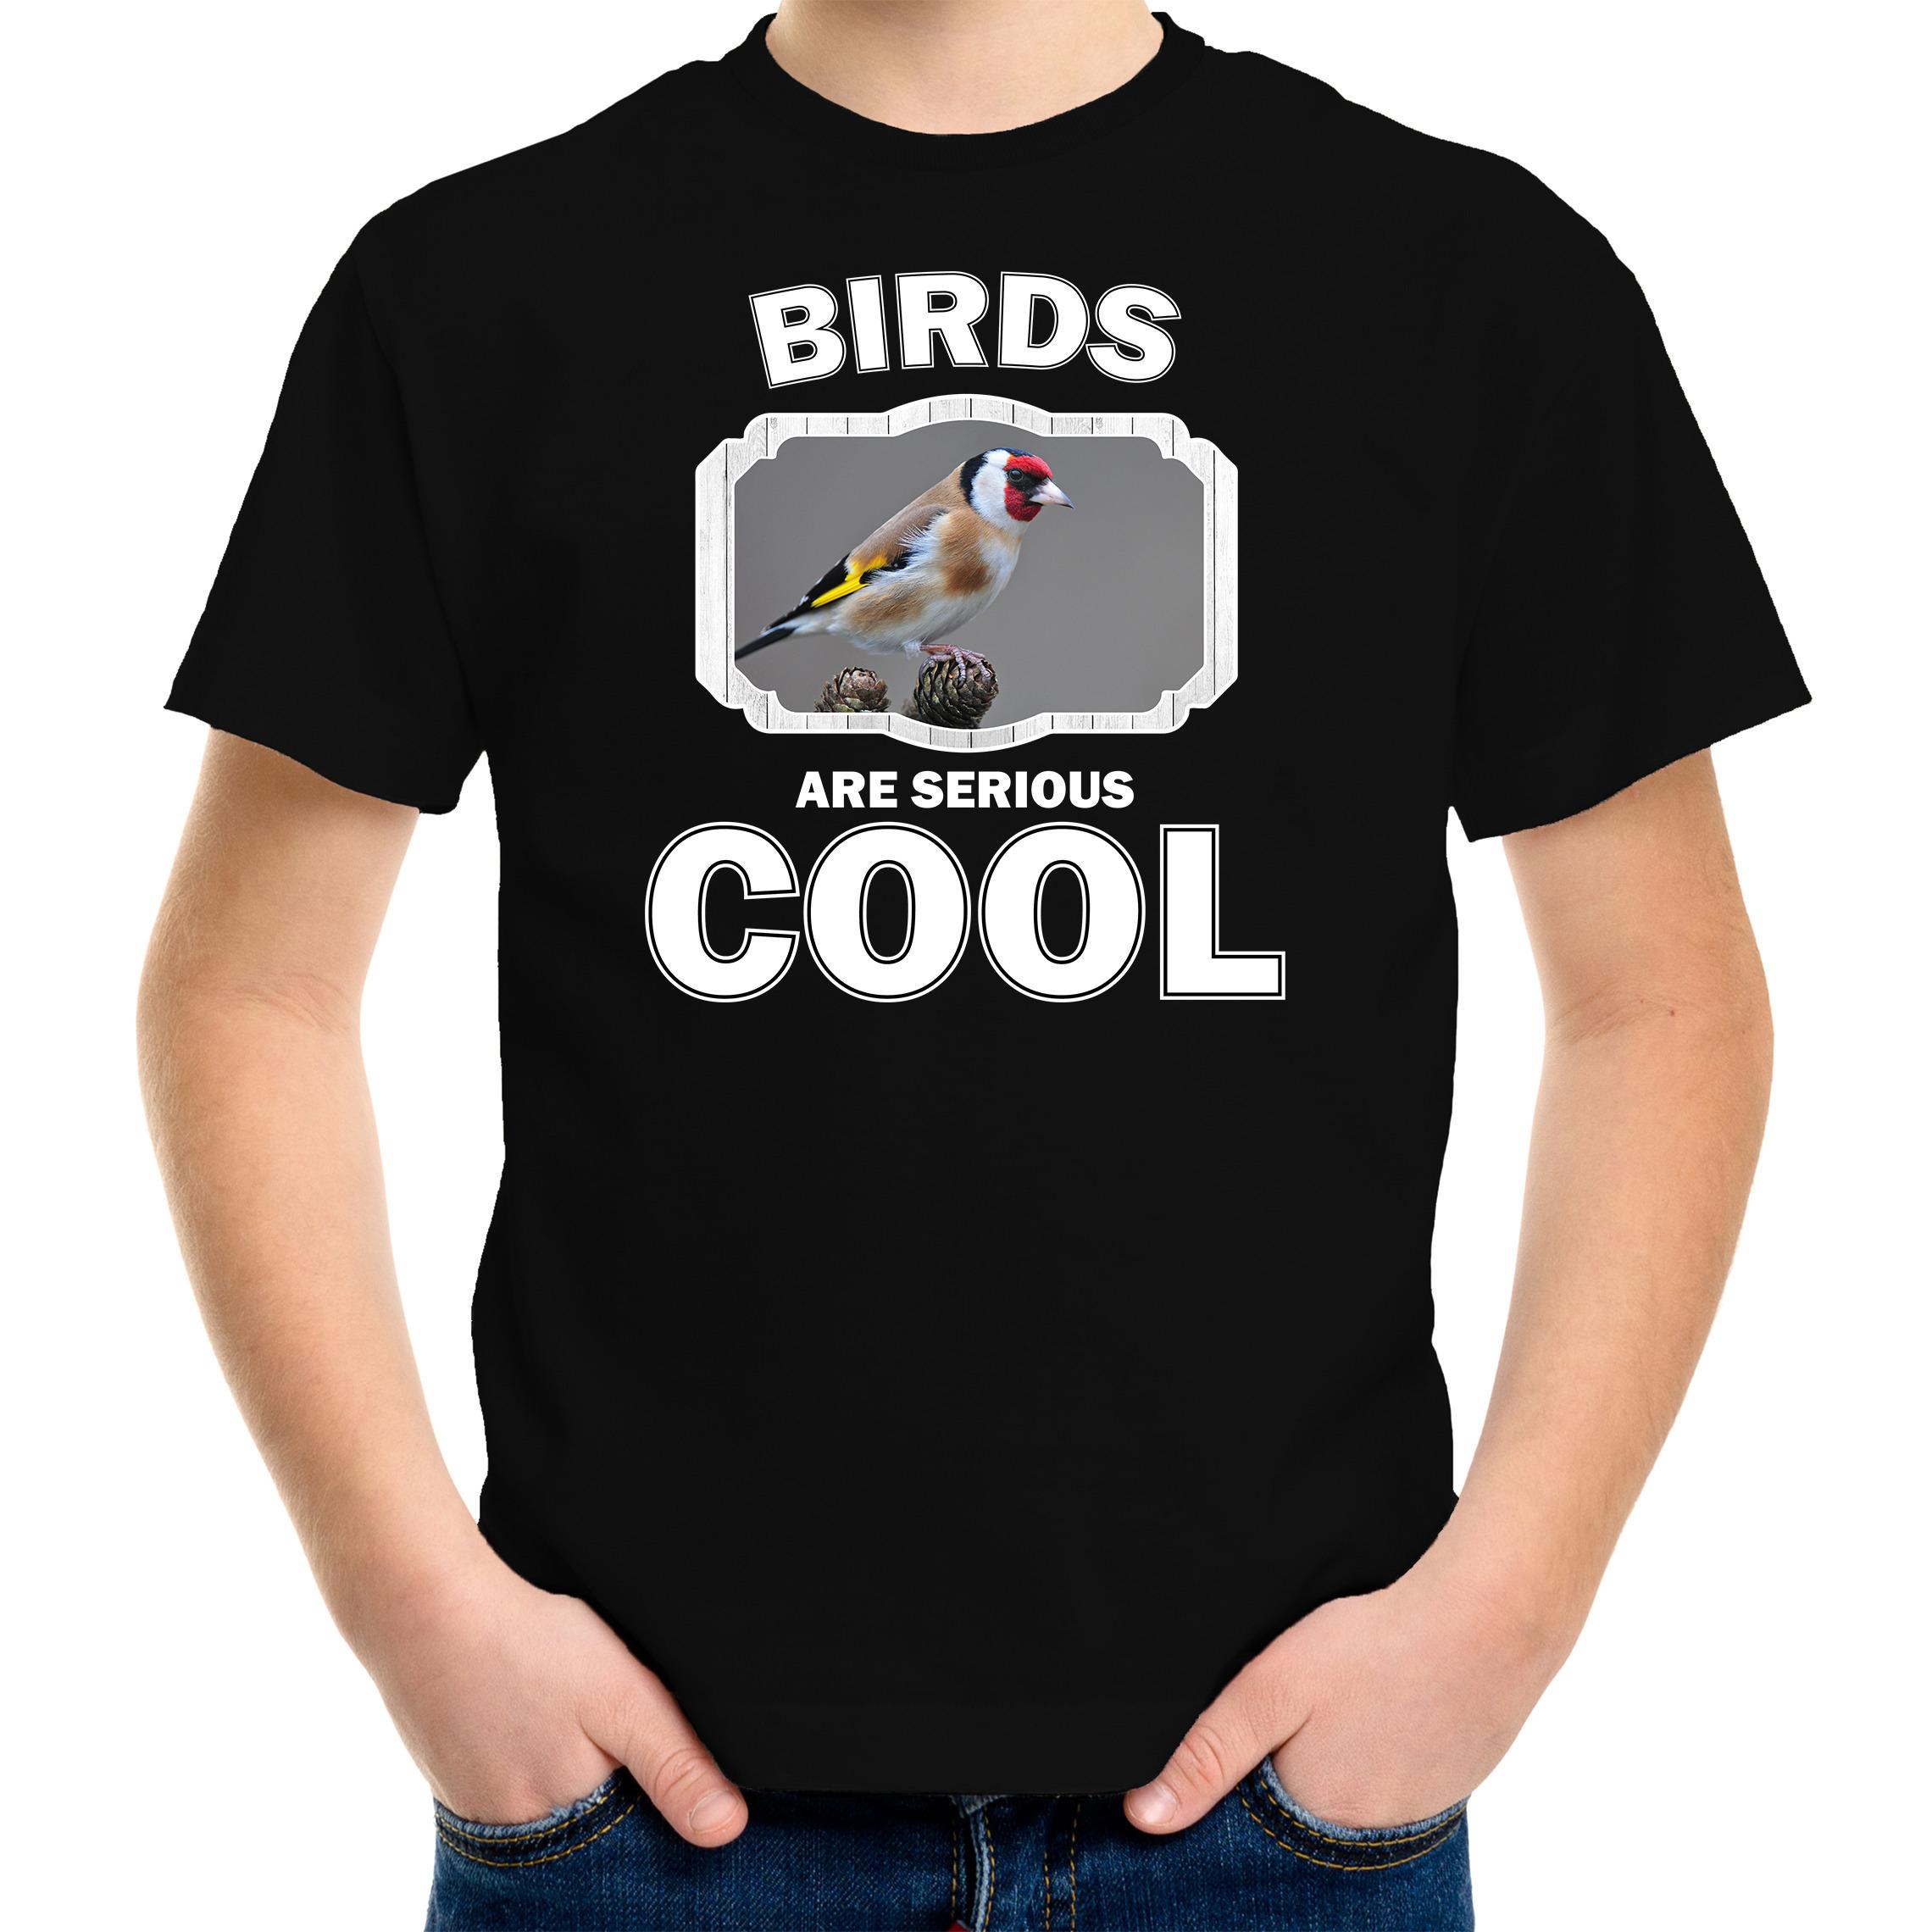 T-shirt birds are serious cool zwart kinderen - vogels/ putter vogel shirt